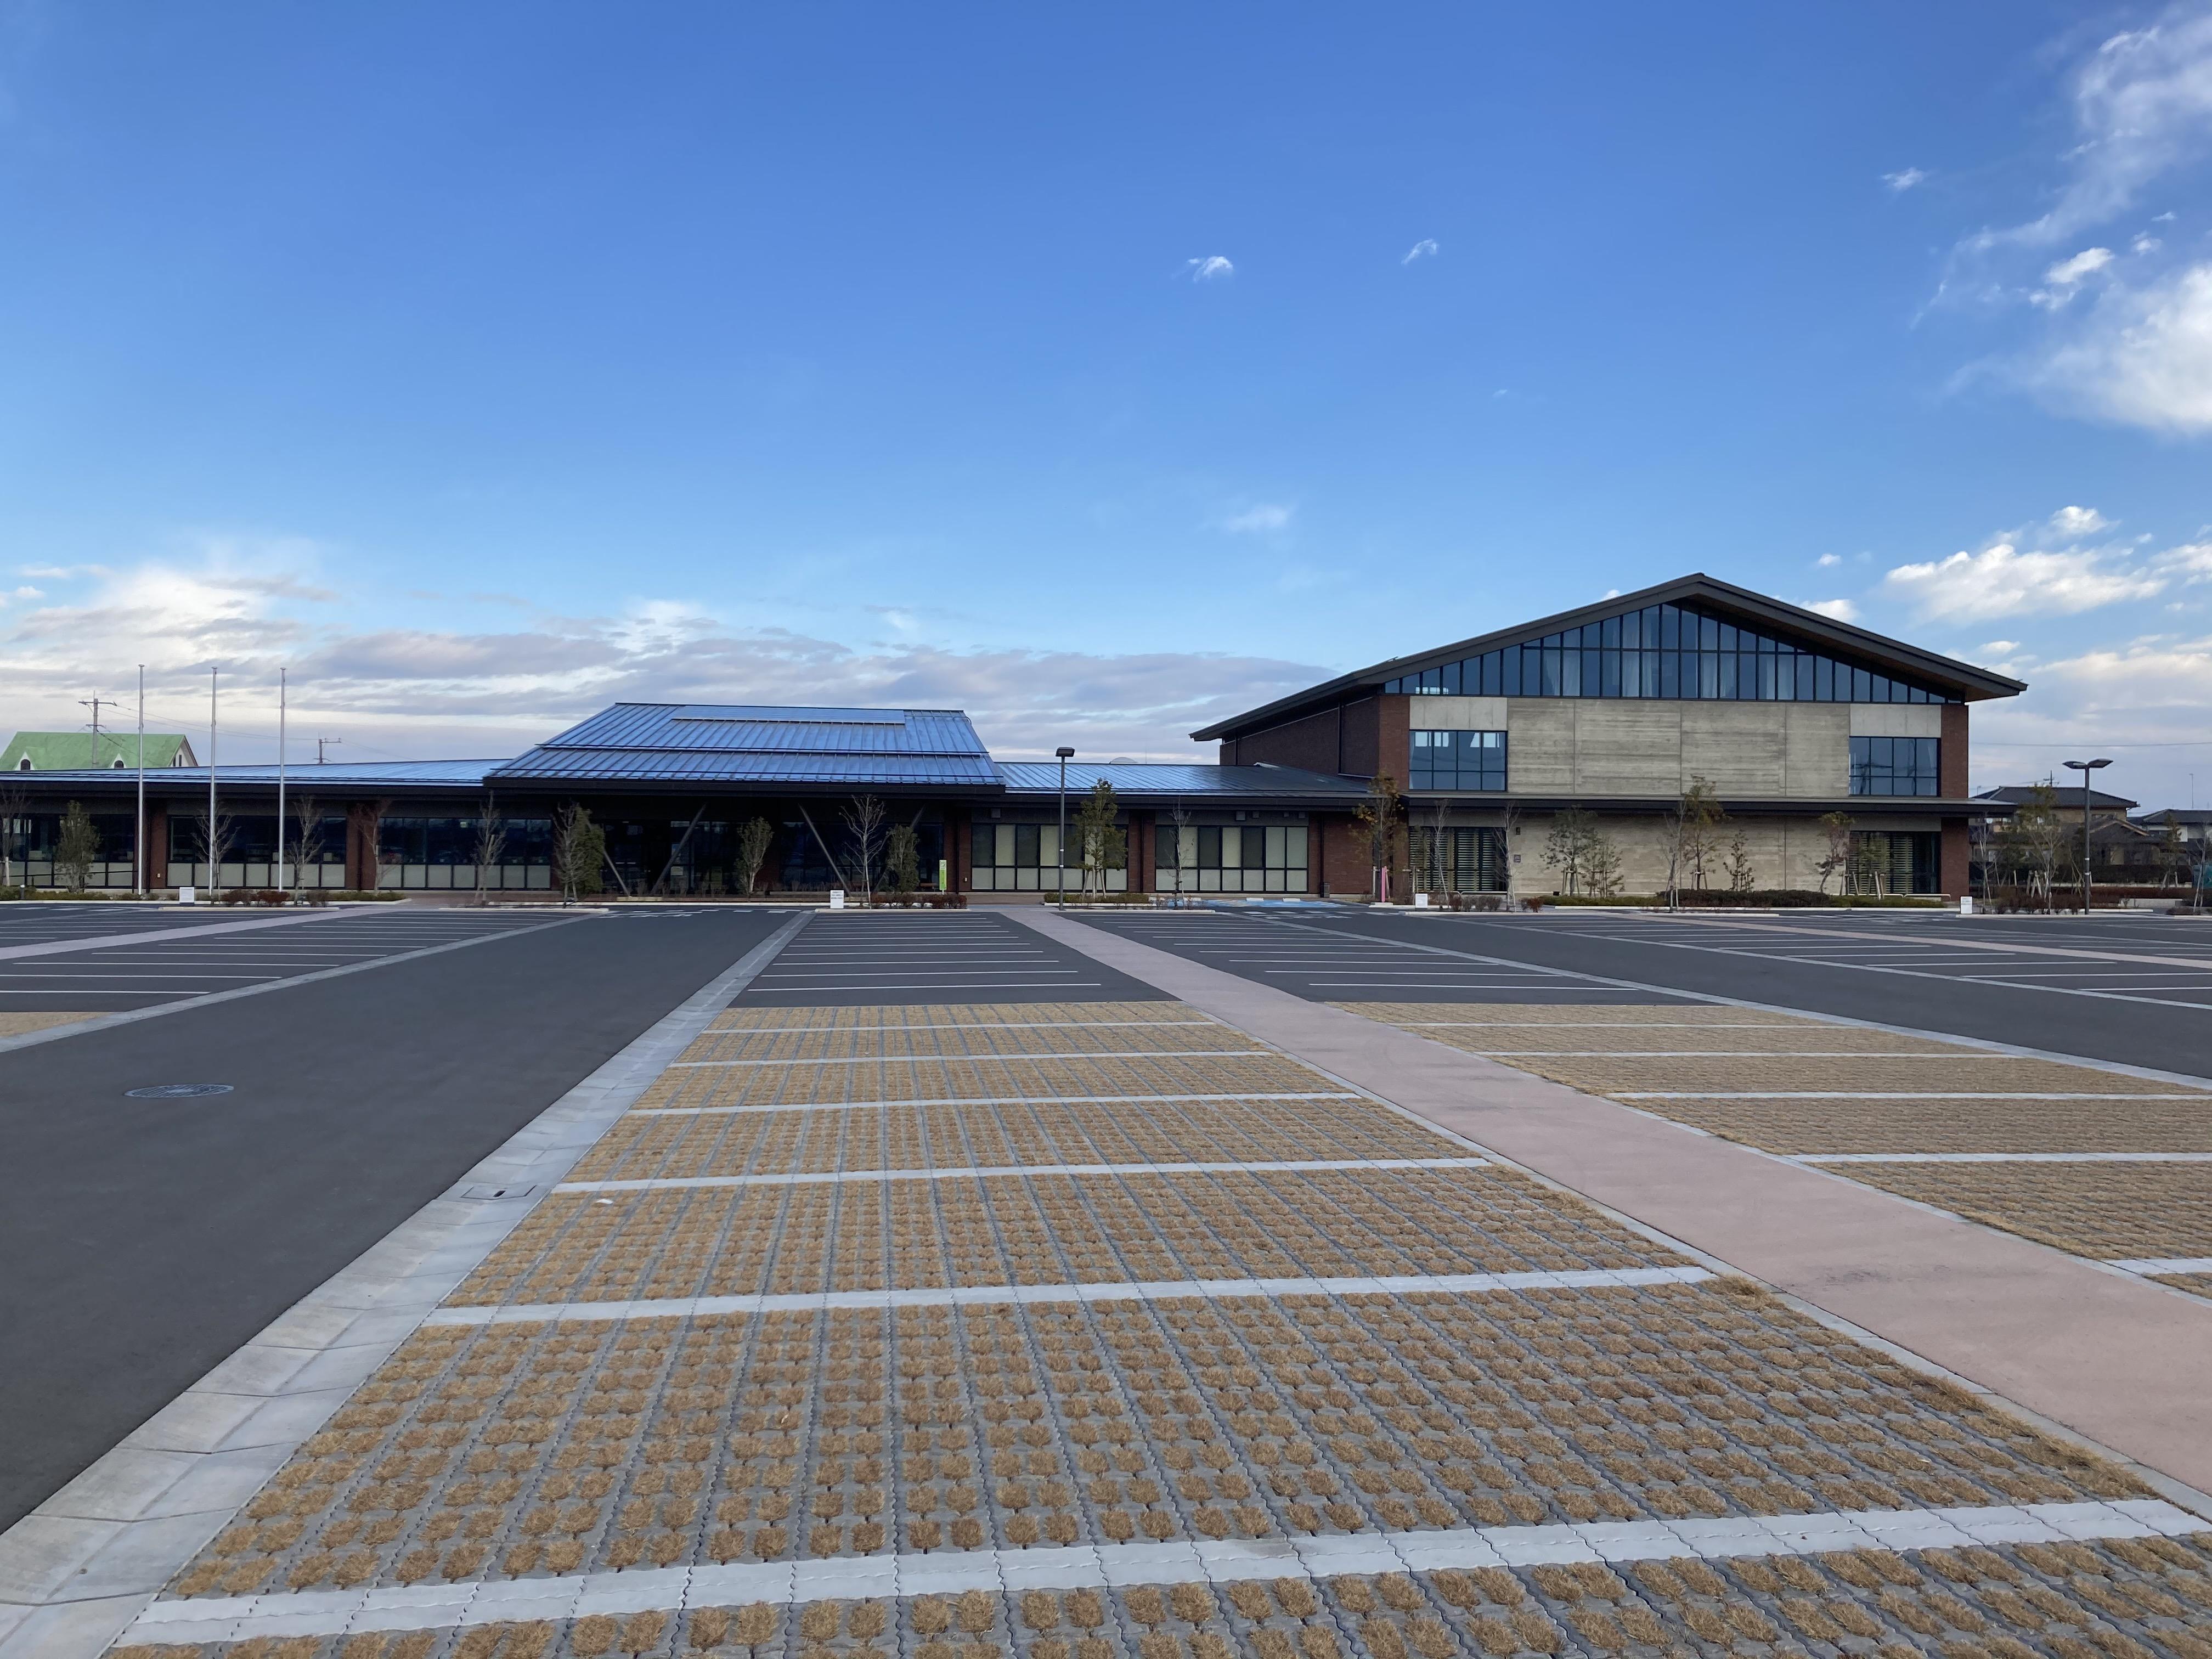 岡部生涯学習センター・岡部公民館 駐車場と建物2